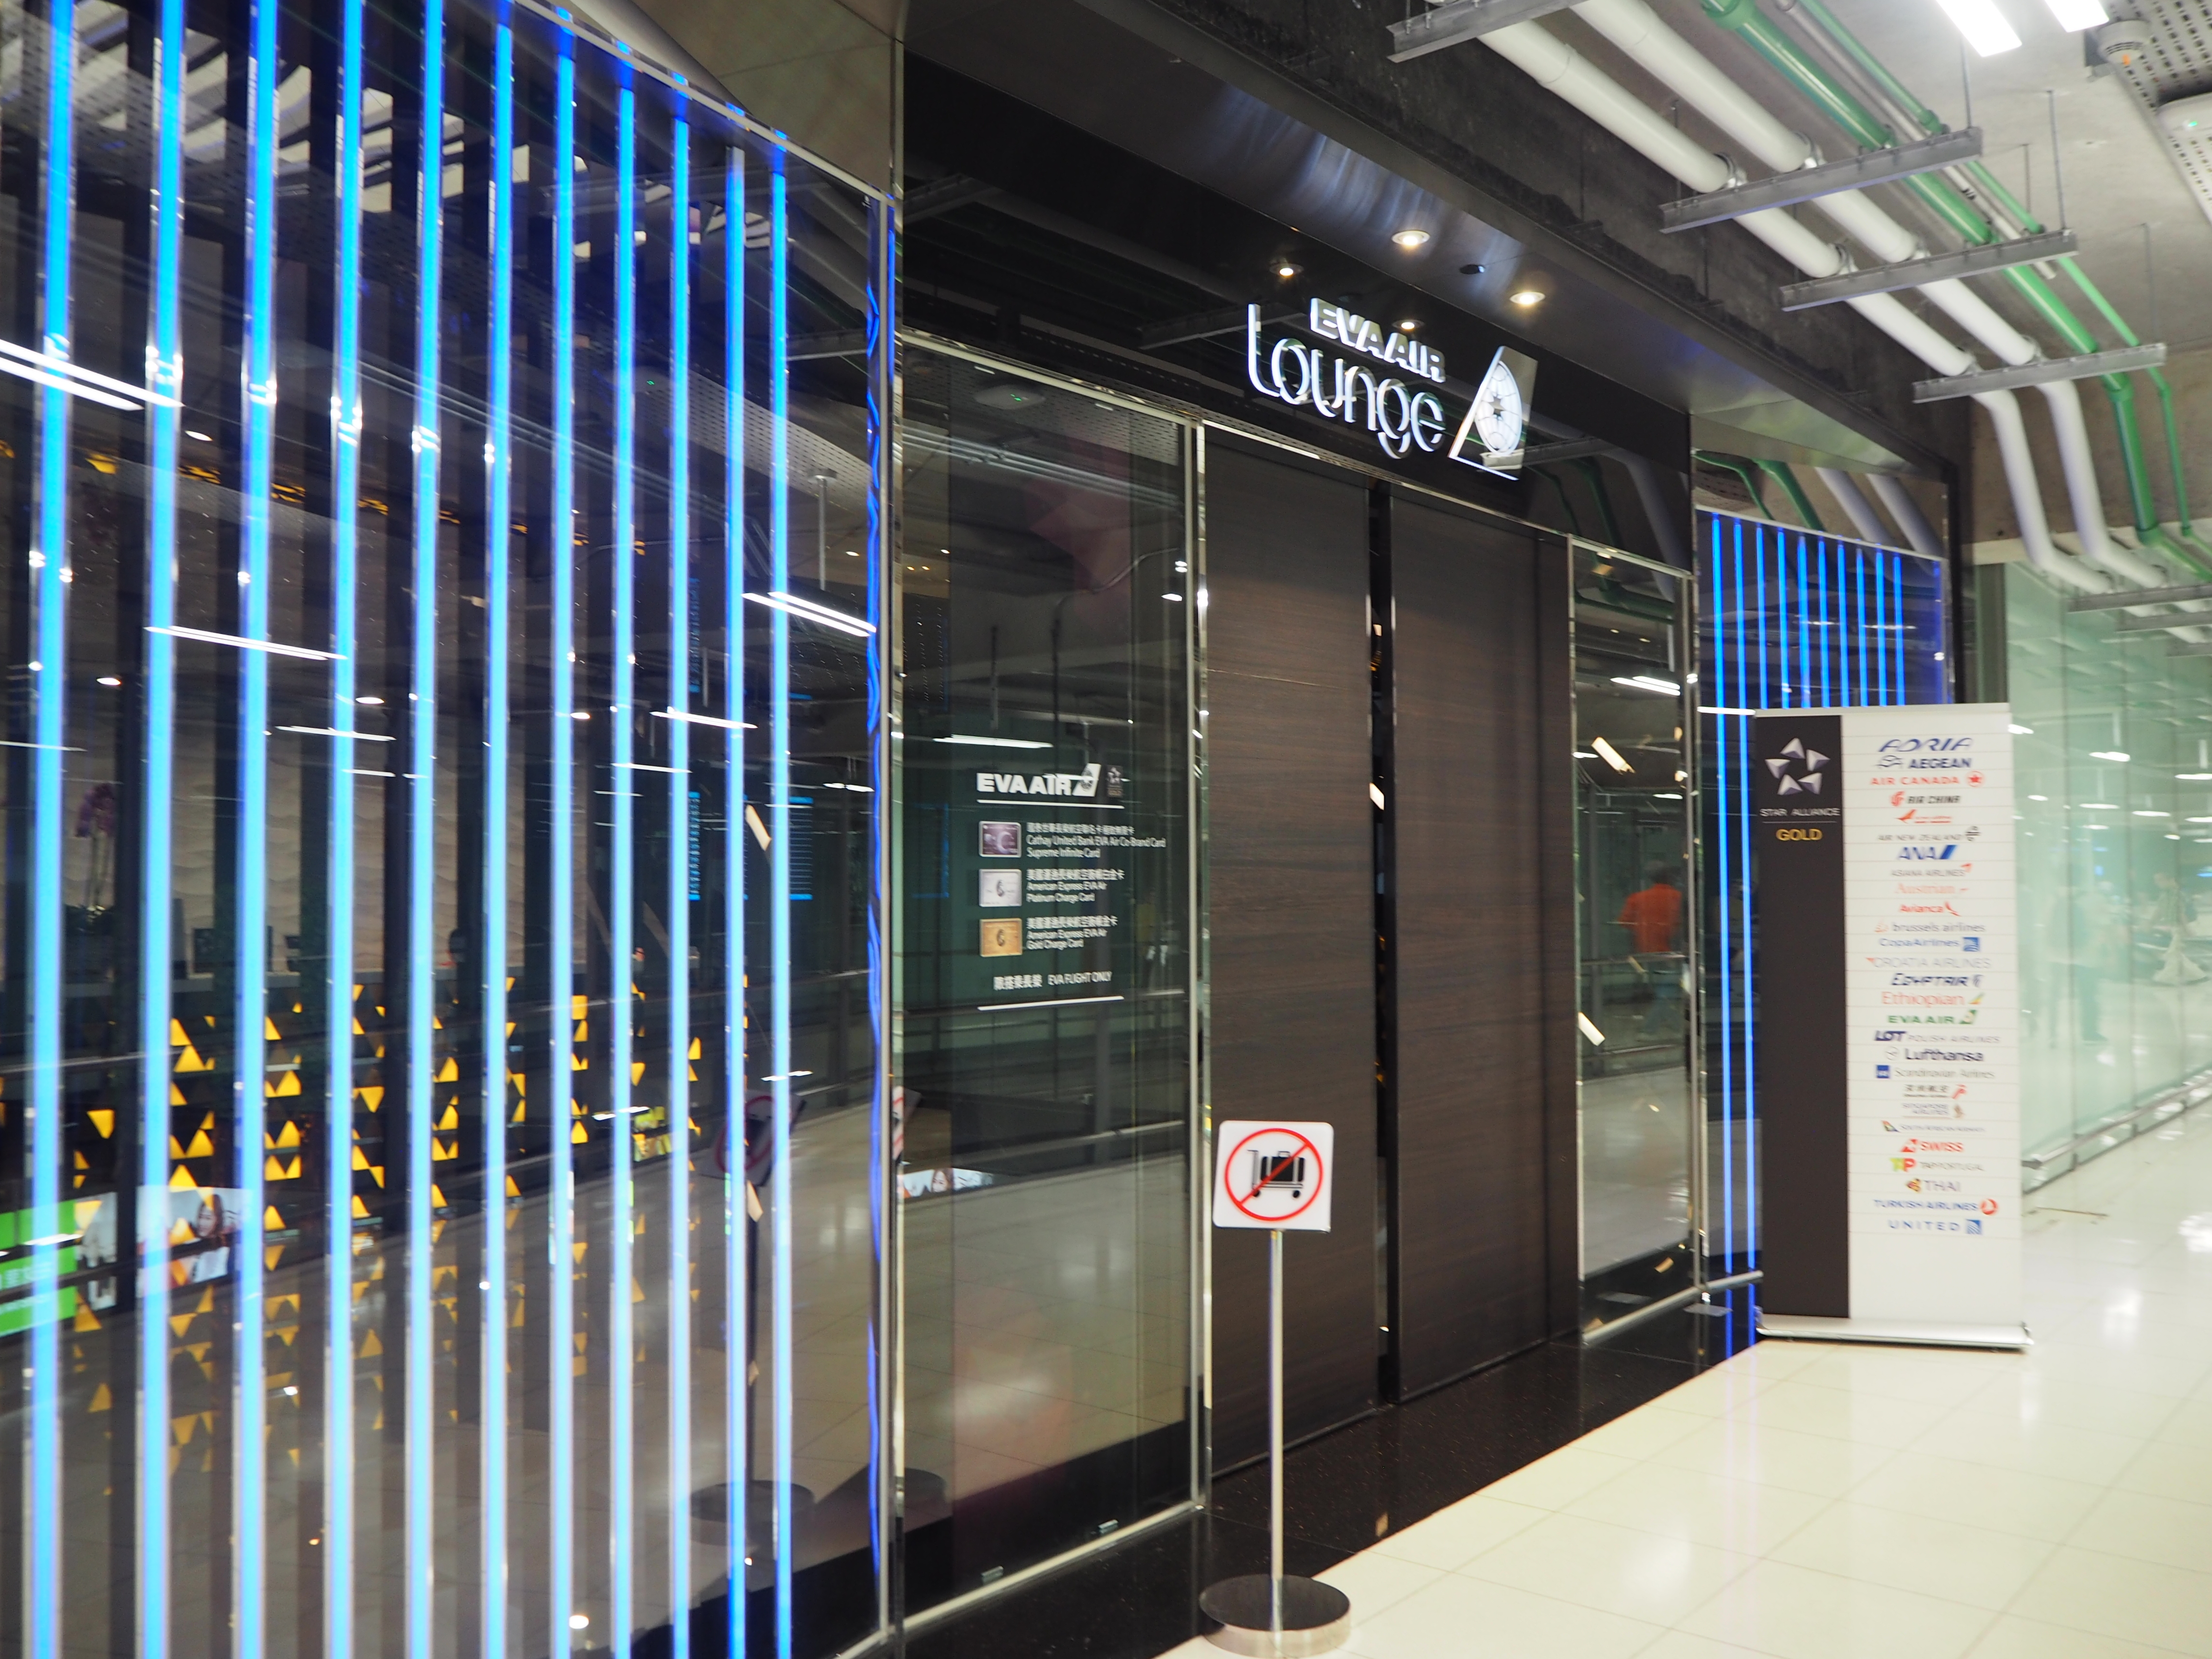 スターアライアンスゴールドで利用できるスワンナプーム国際空港のエバー航空ラウンジの紹介